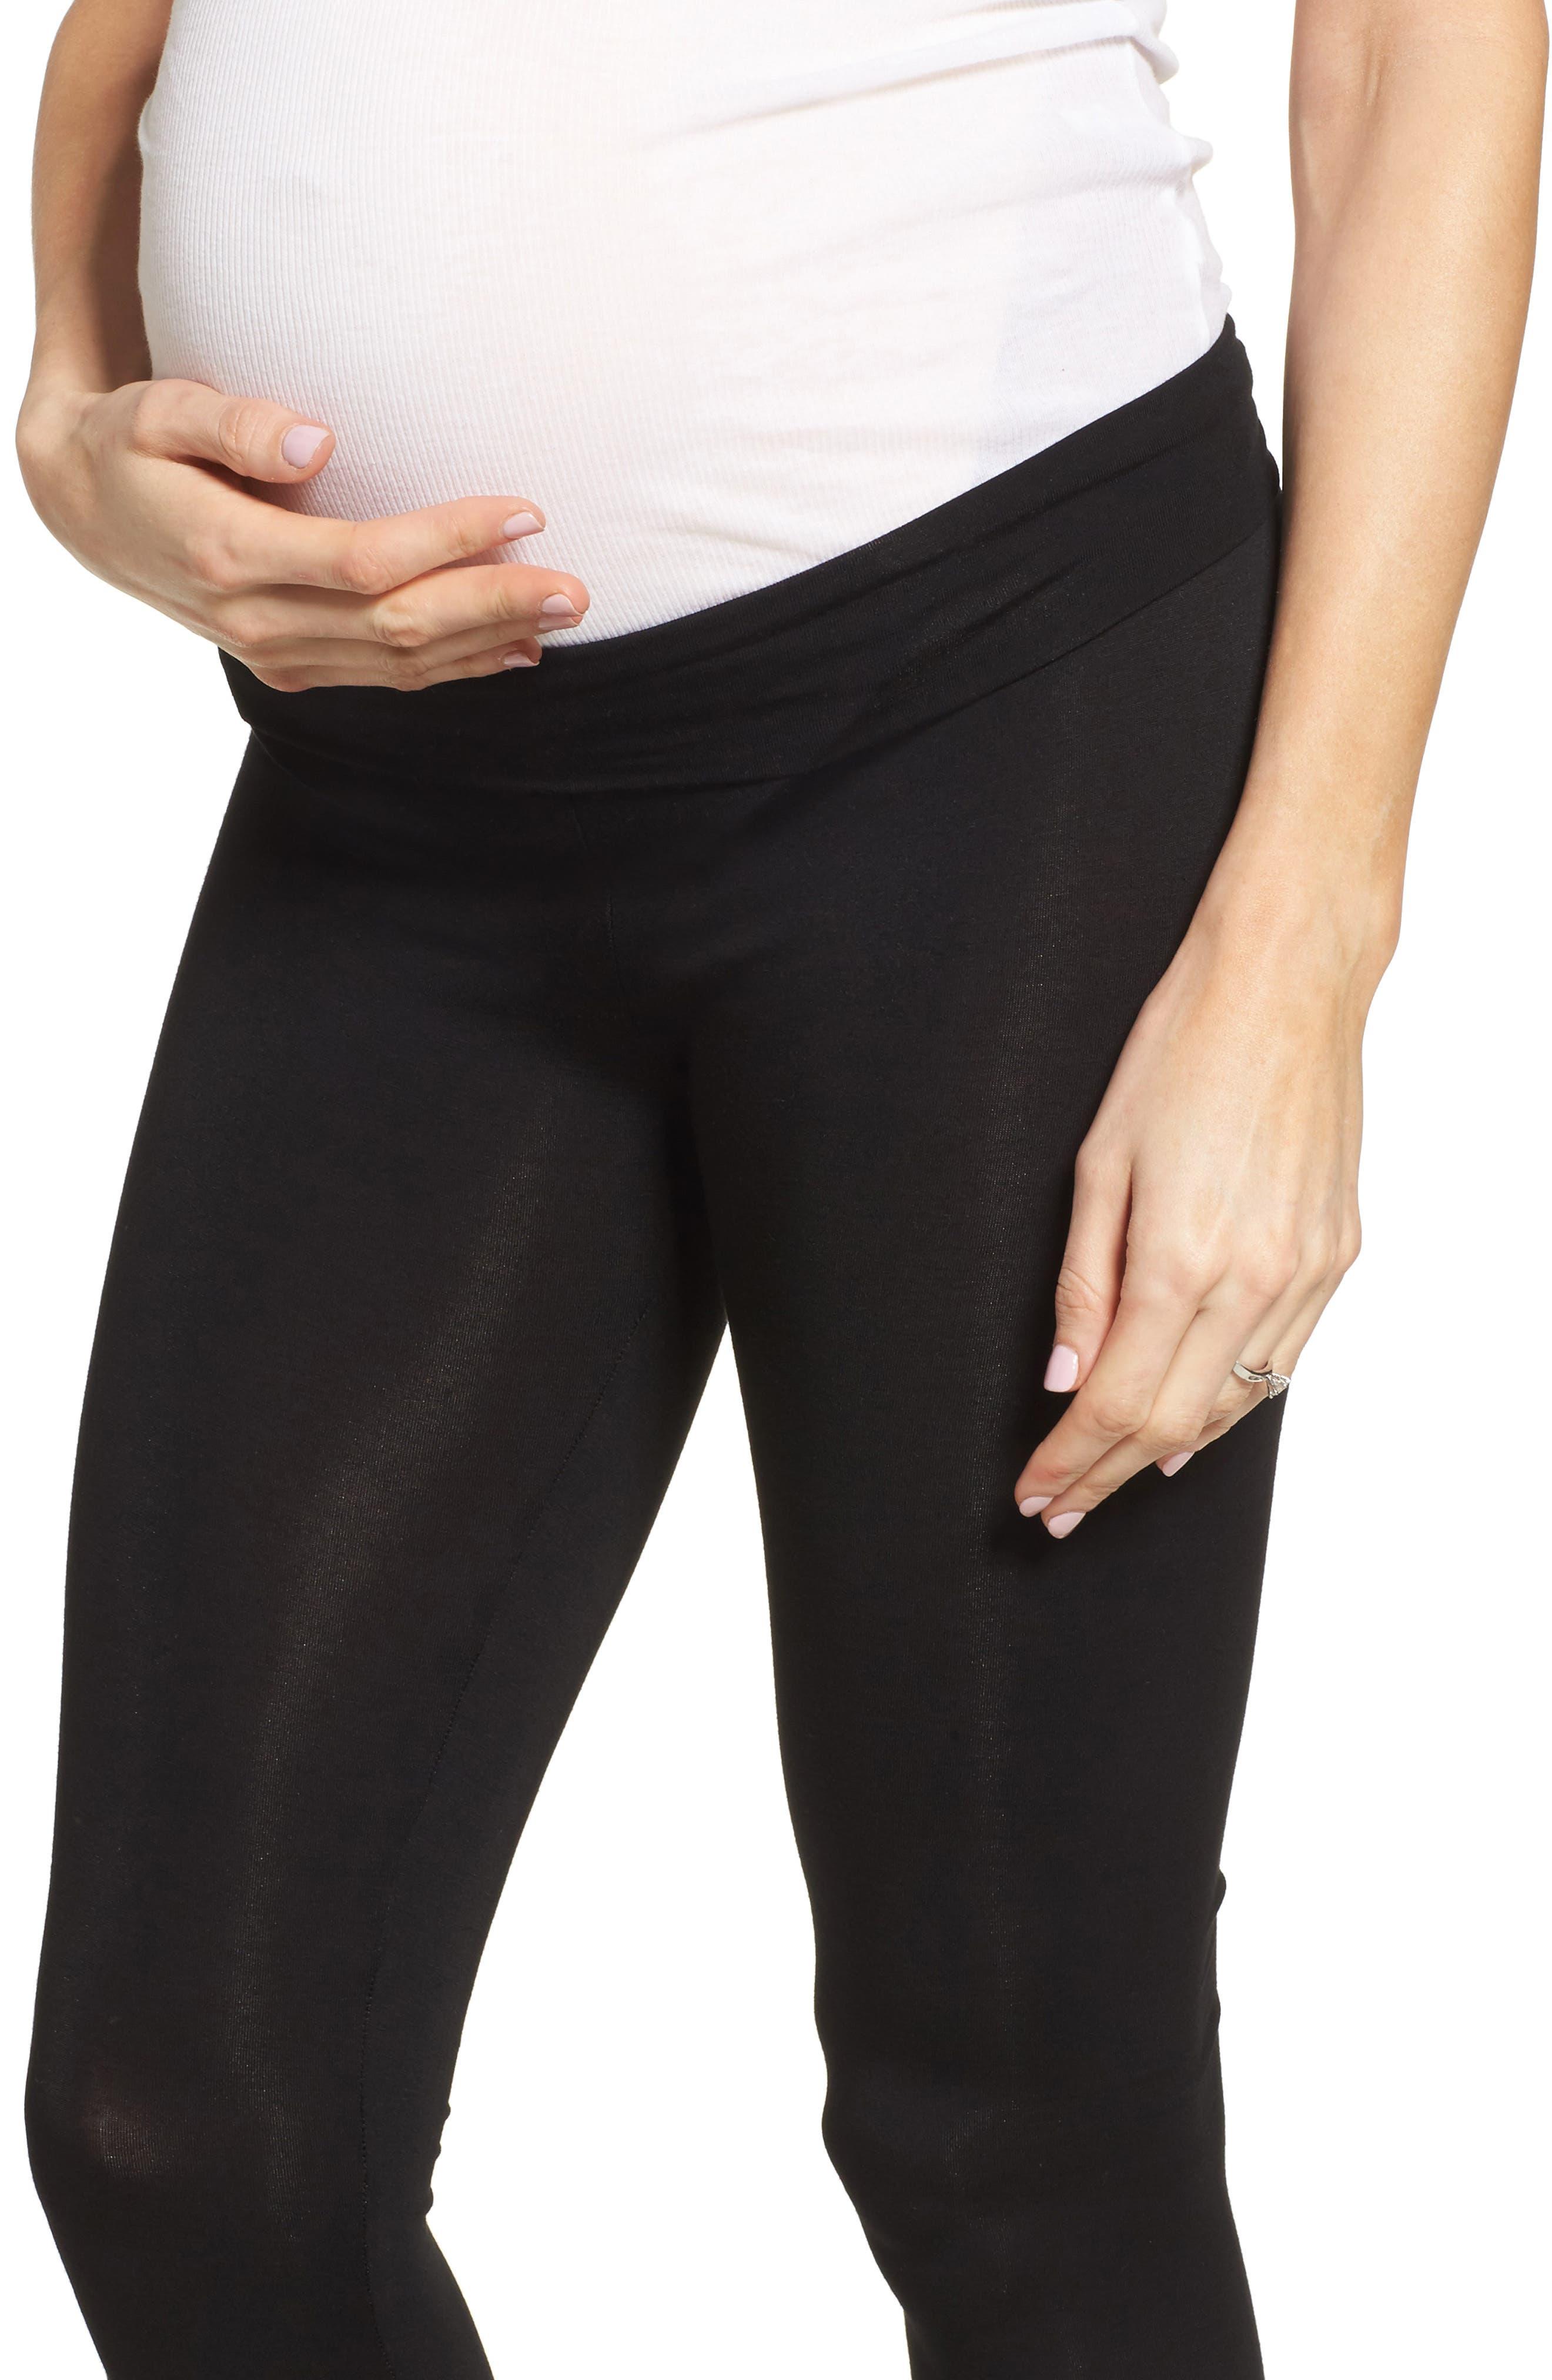 Alternate Image 4  - LAB40 Foldover Waistband Maternity Leggings